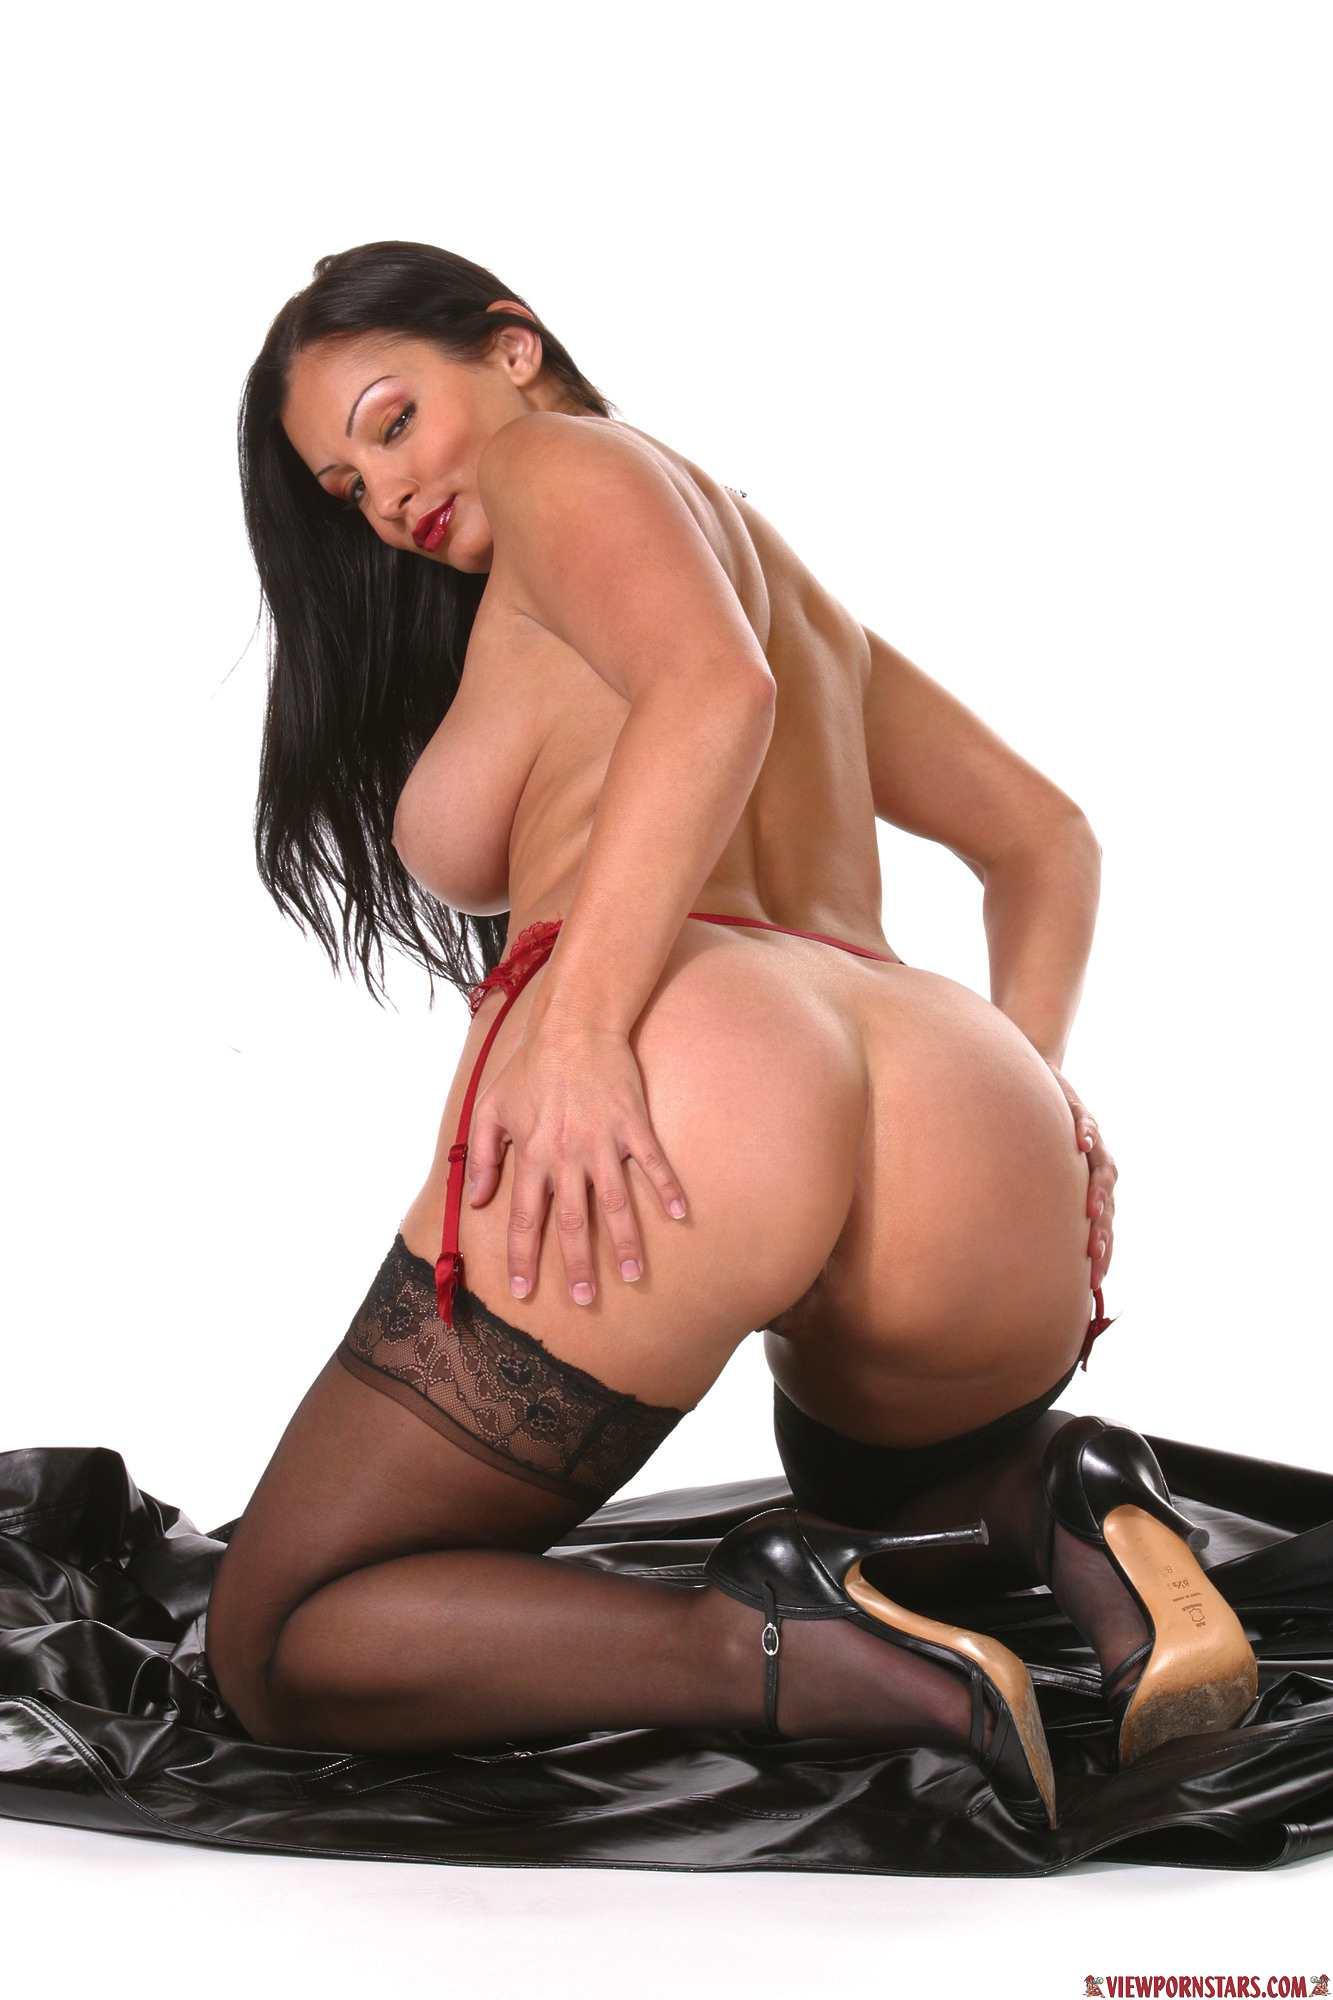 Vampire sexy big titty women-photos sexy clip